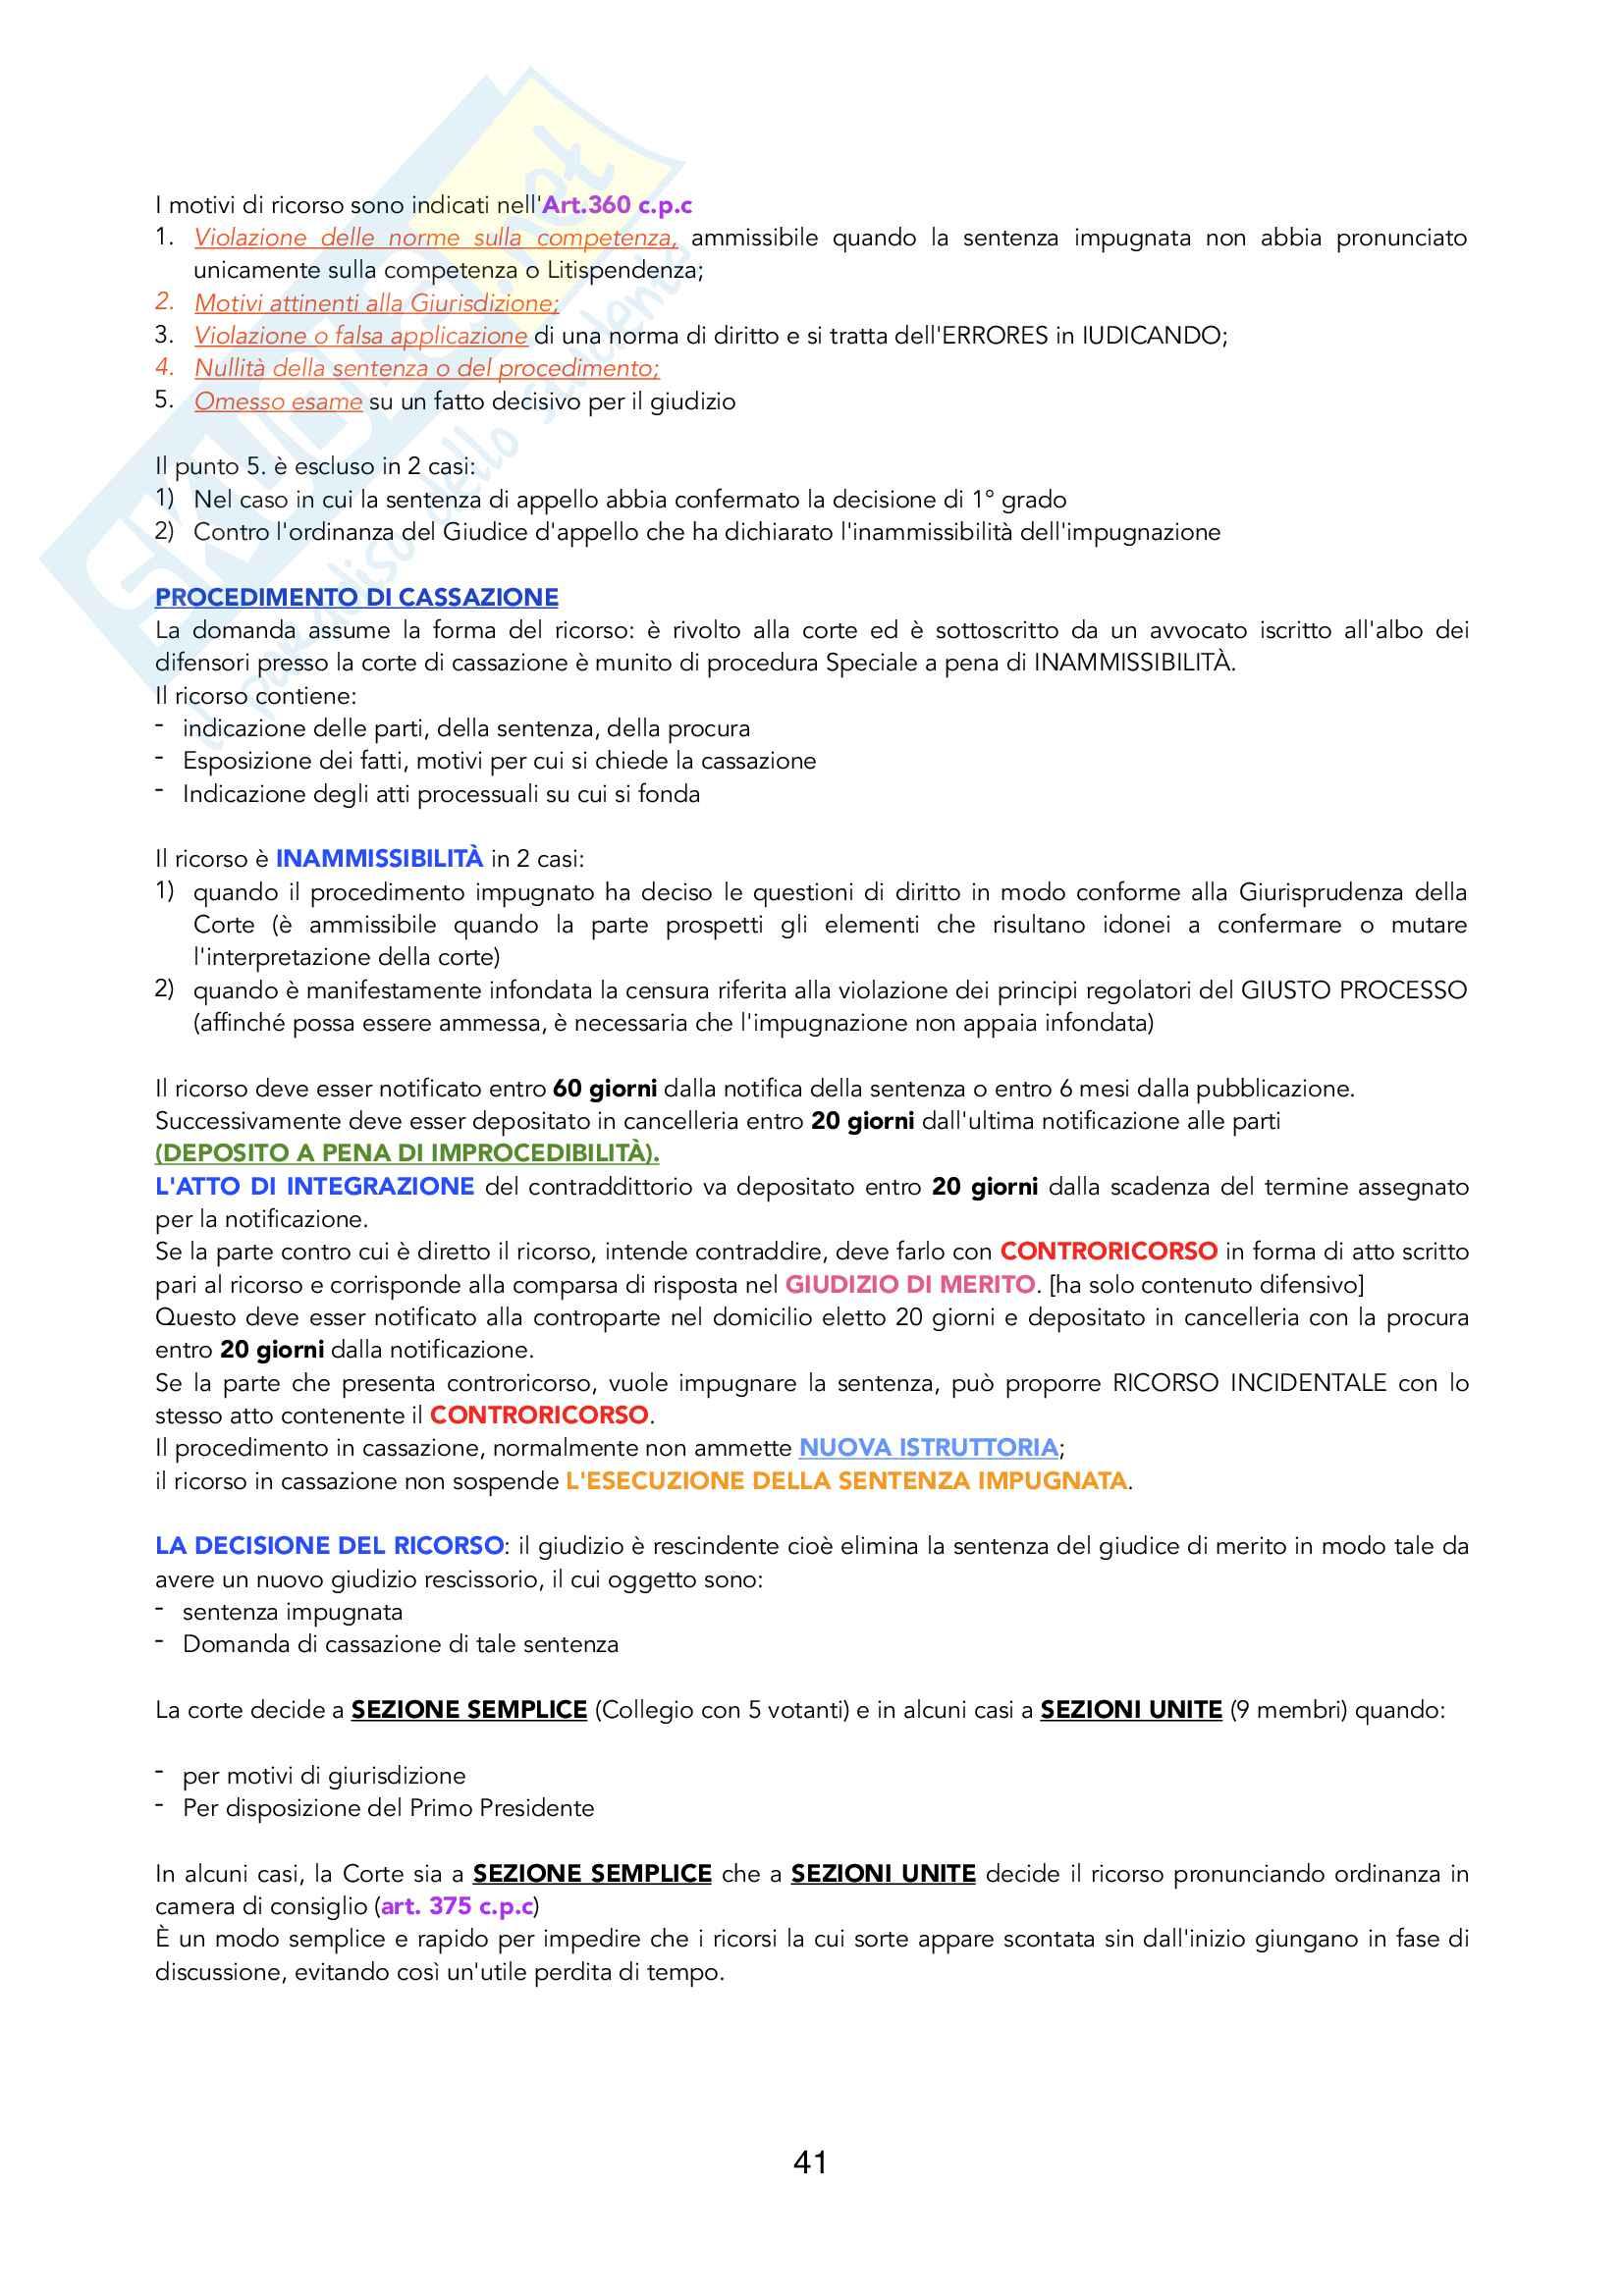 Riassunto di Processuale Civile, prof. Filippo Corsini, libri consigliati M.Bove + Compendio Simone (parte generale) e G.Verde (parte speciale) Pag. 41